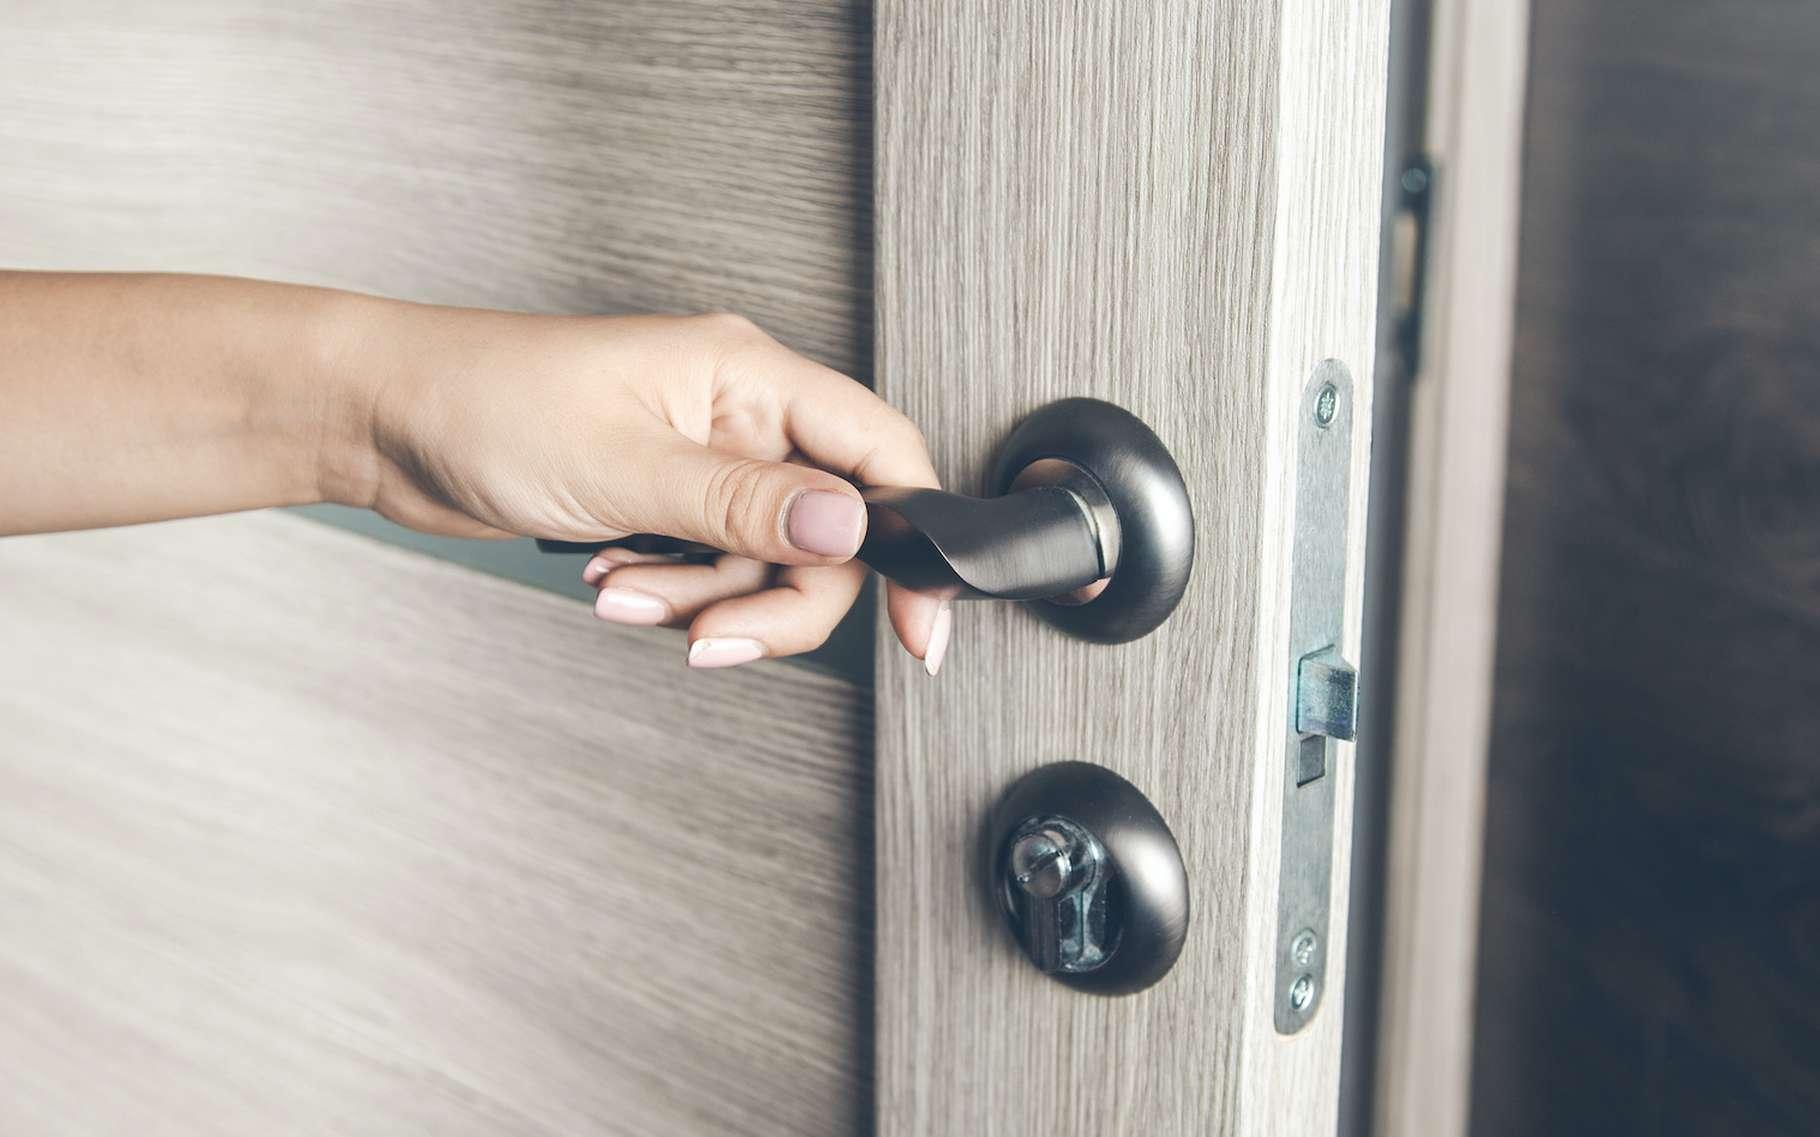 Demain, nos maisons seront probablement toutes équipées de serrures intelligentes. © Tiko, Adobe Stock